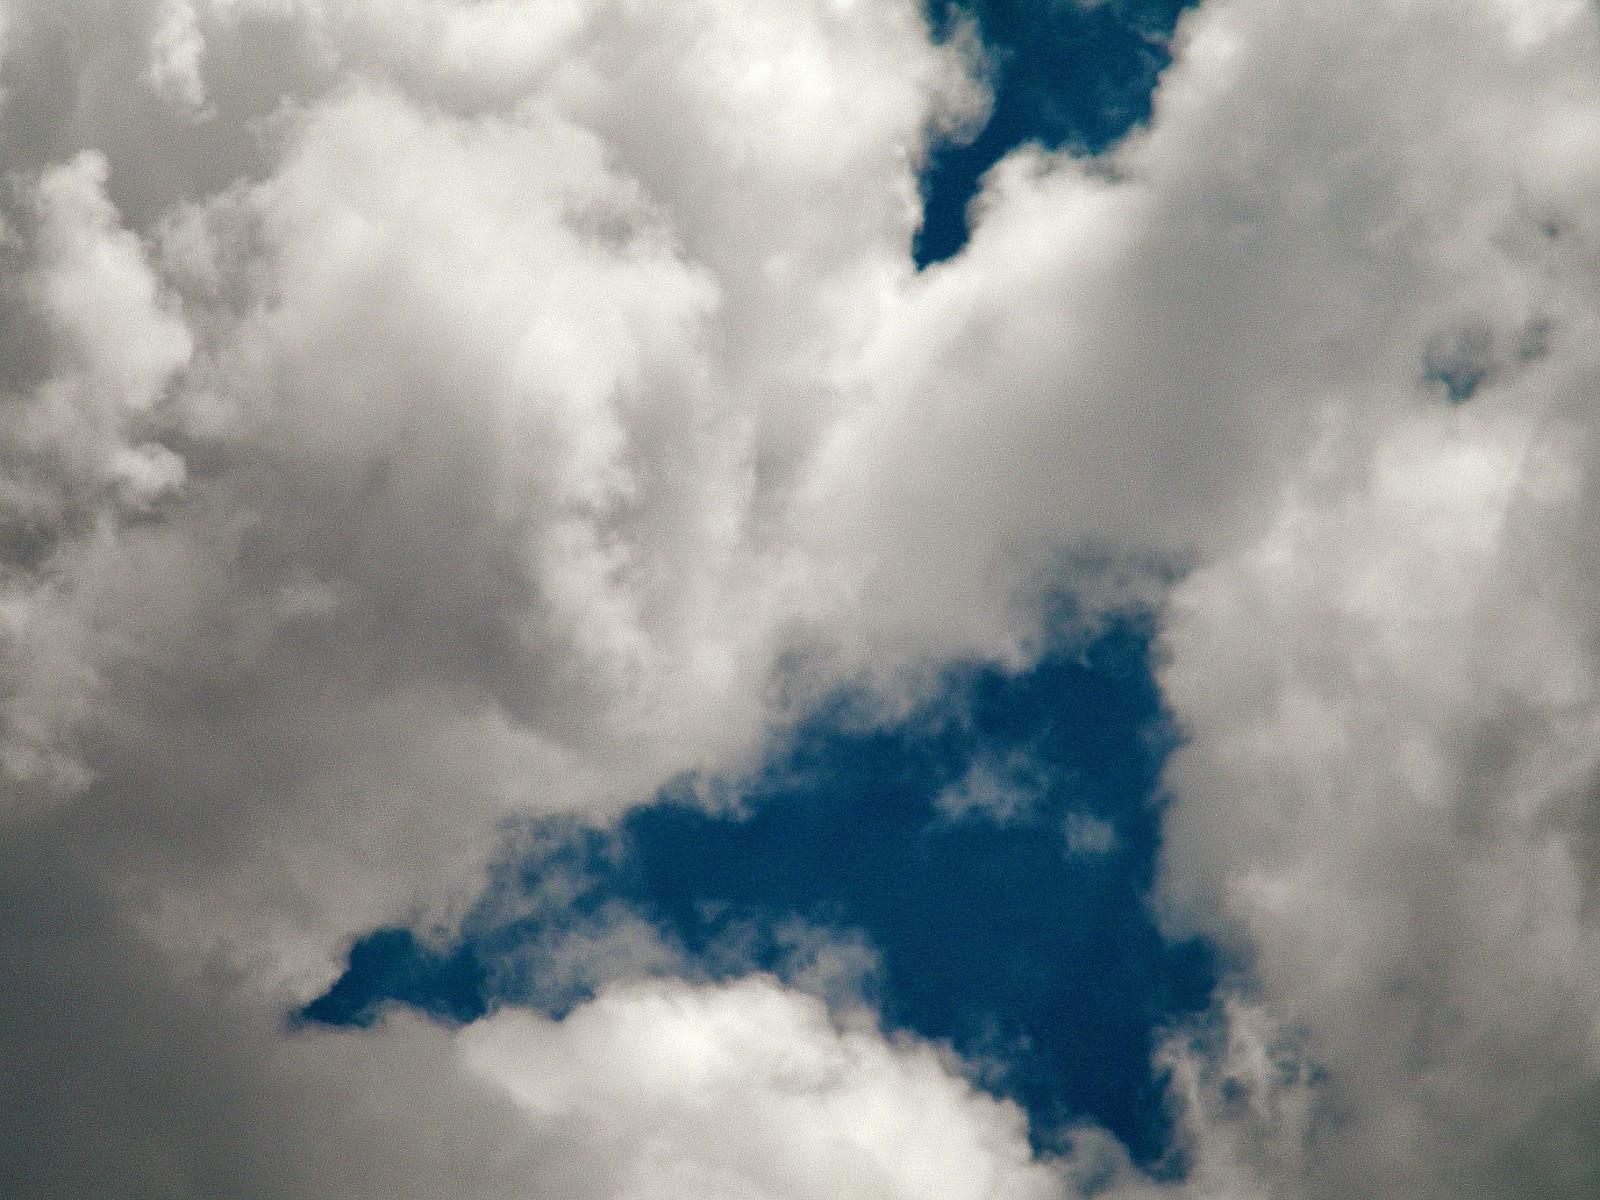 Storm Clouds Clip Art Public Domain Clip Art Photos and Images